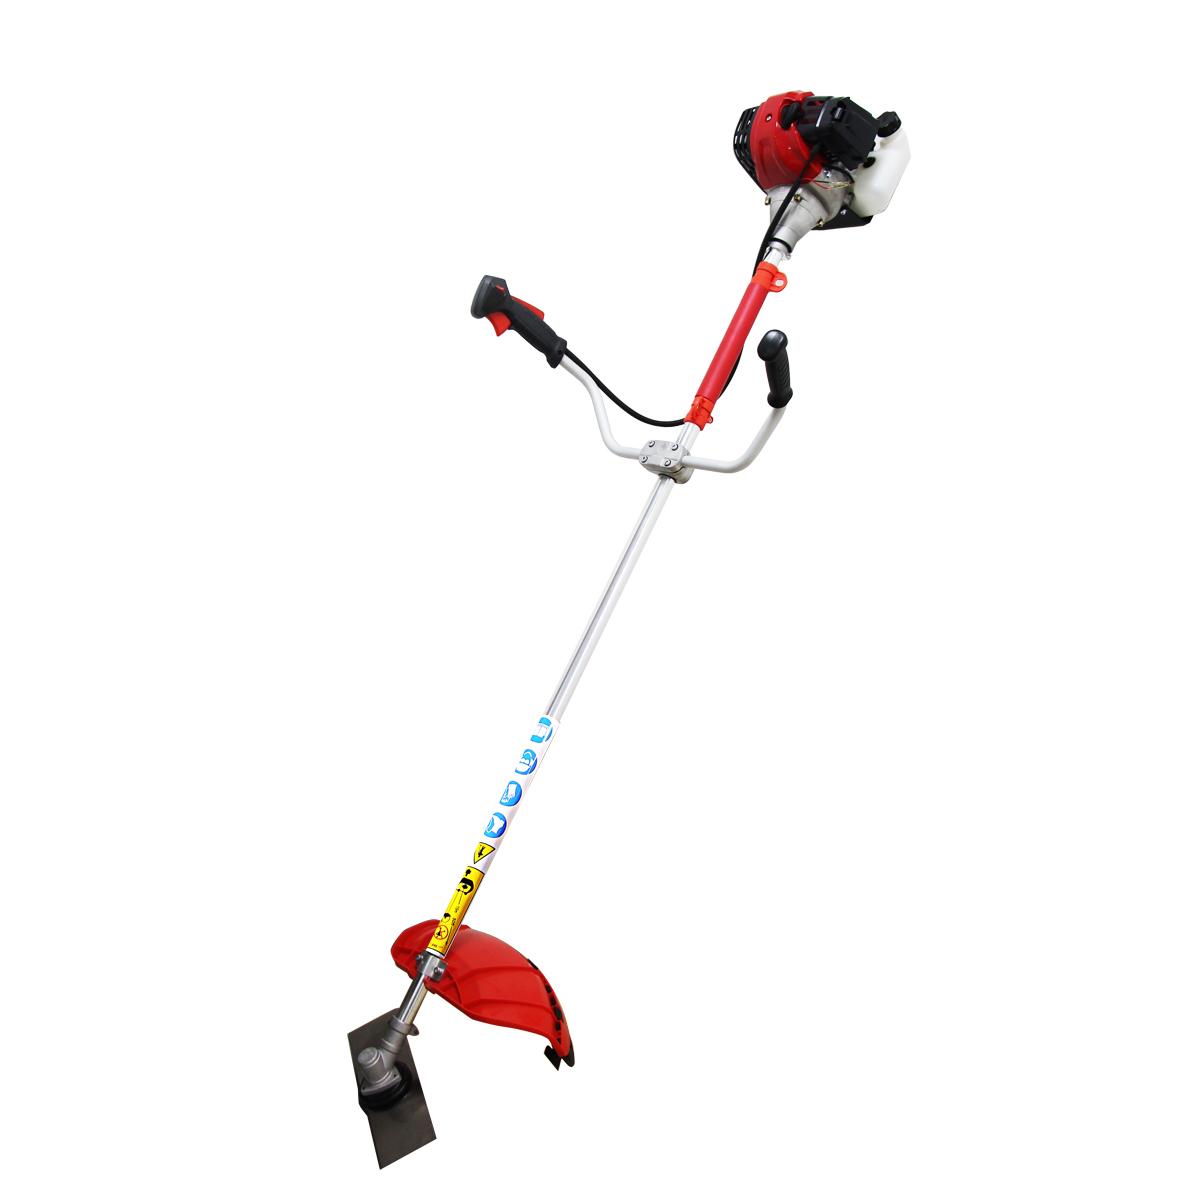 Bright 2set Universal Lawn Mower Chain Trimmer Head Chain Brushcutter For Trimmer Garden Grass Brush Cutter Tools Spare Parts Tools Grass Trimmer